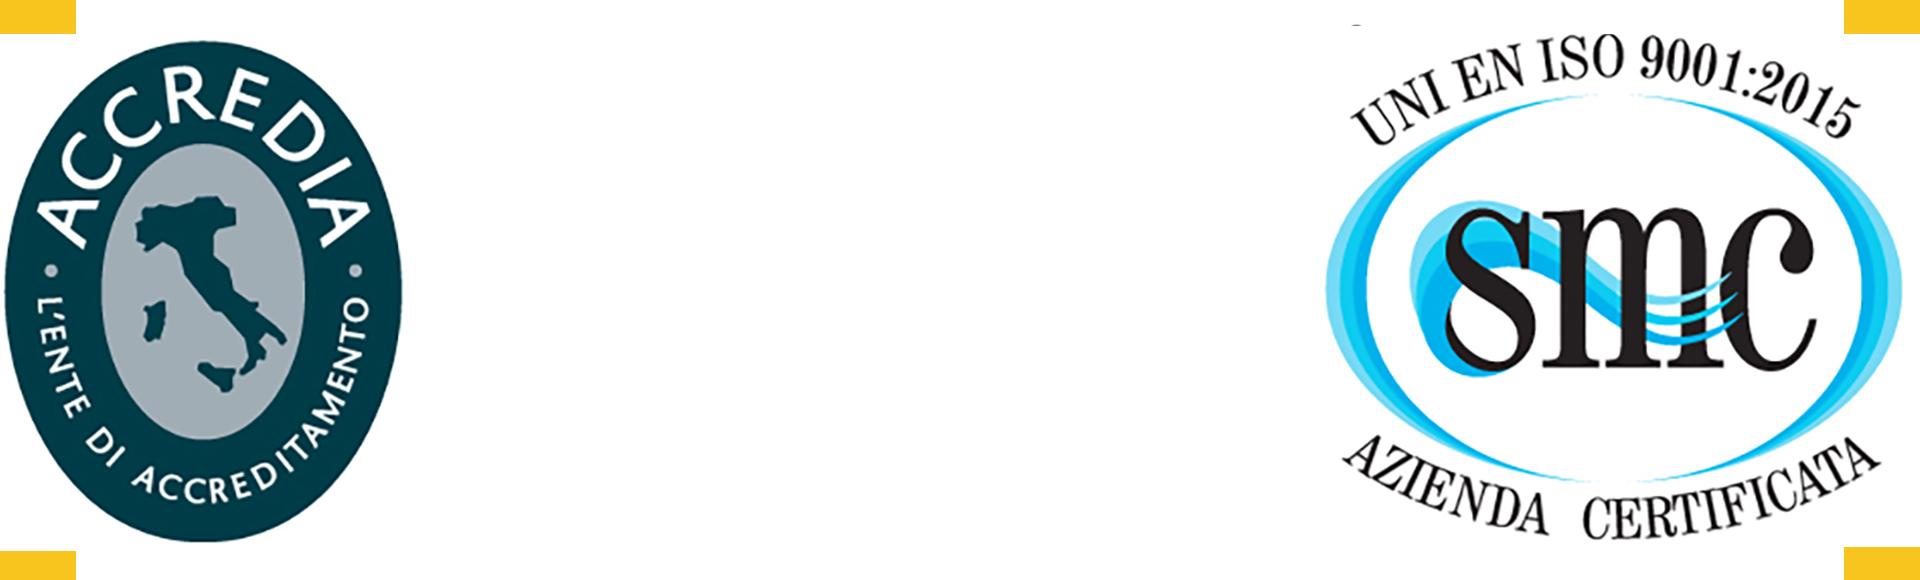 Sicedil Srl è un azienda certificata ISO 9001:2015 |  SicEdil Srl